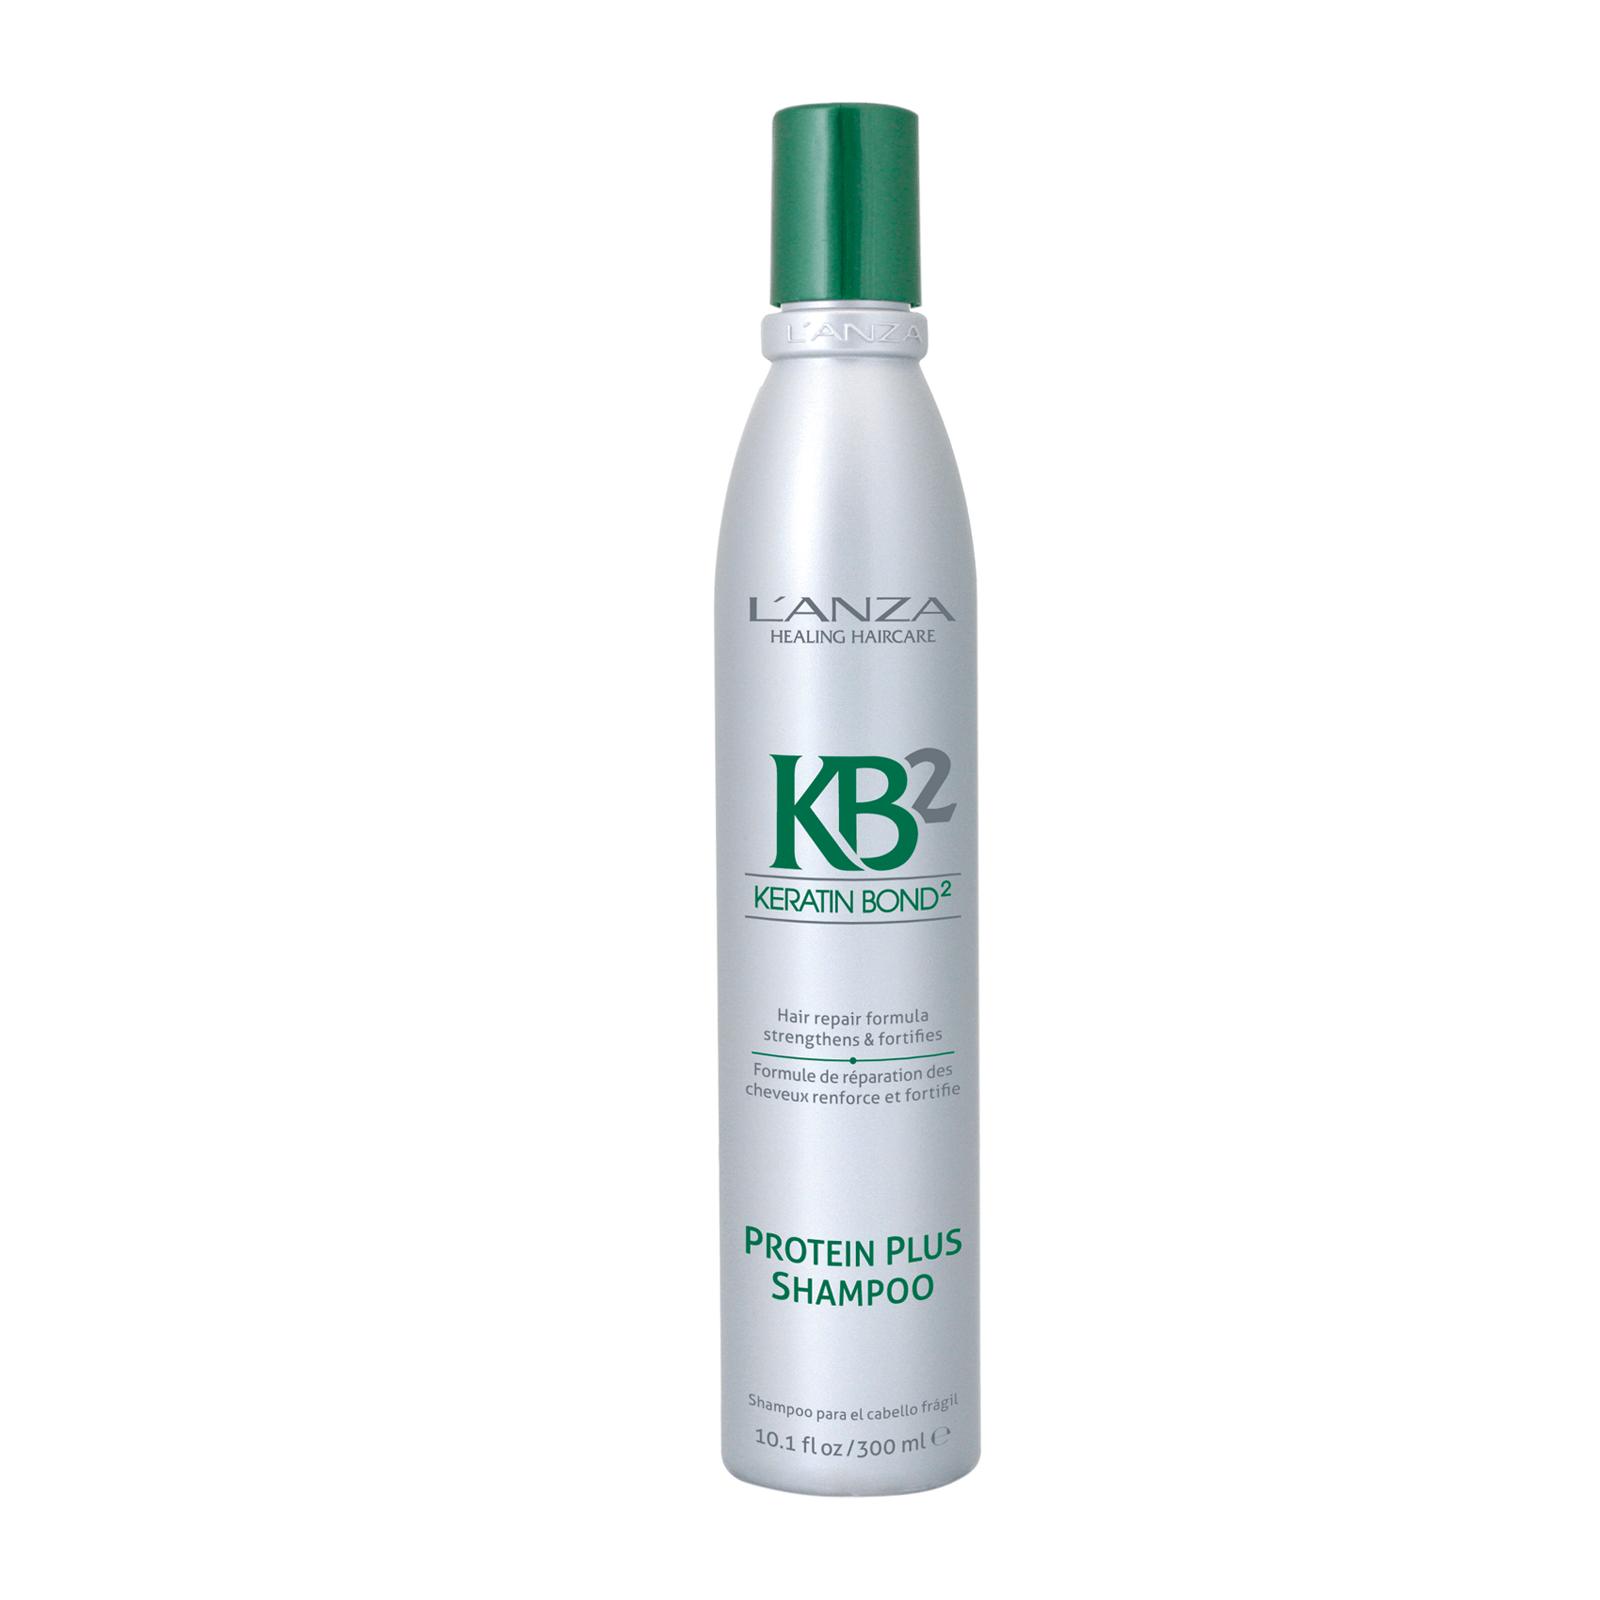 Lanza Hair Repair Shampoo Protein Plus - 300ml